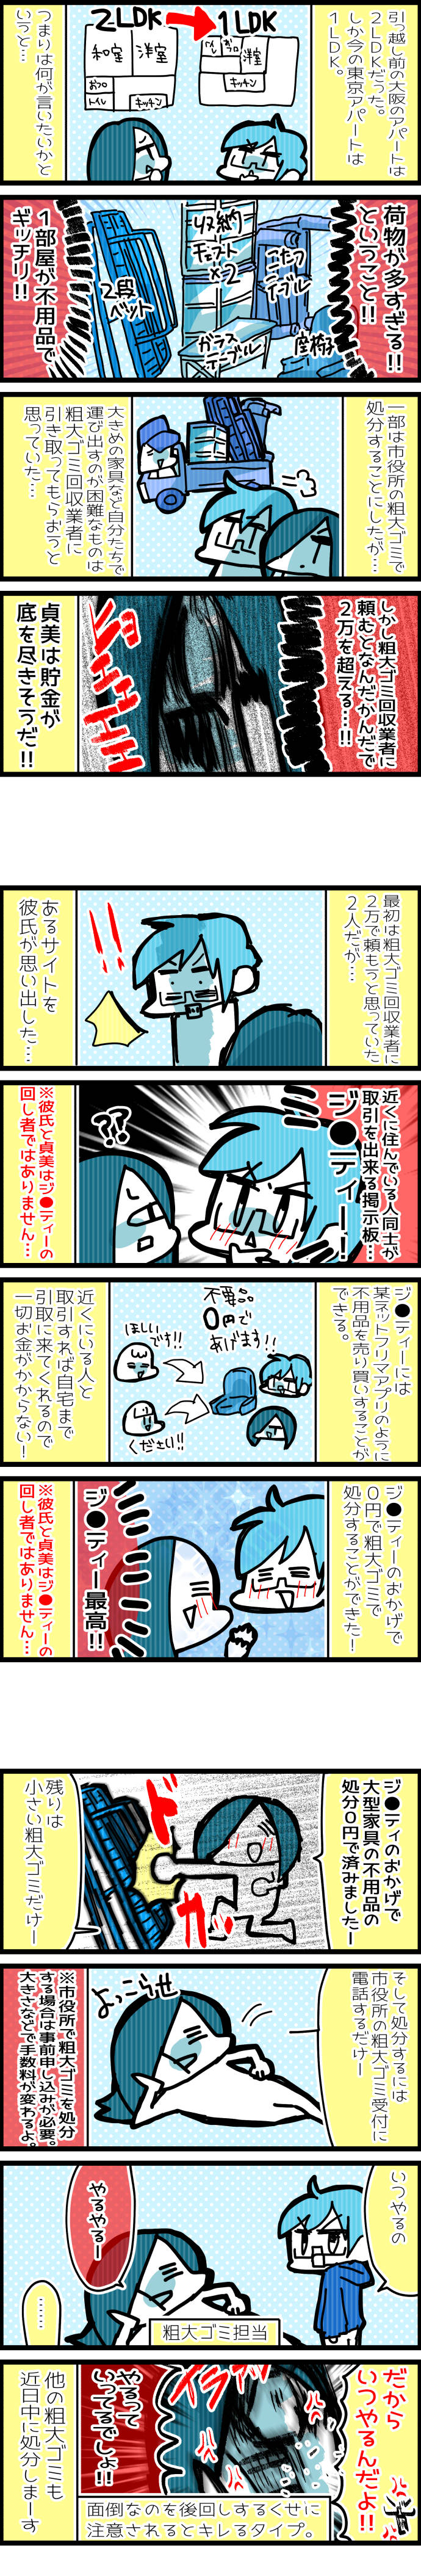 neetsadami.com_11話